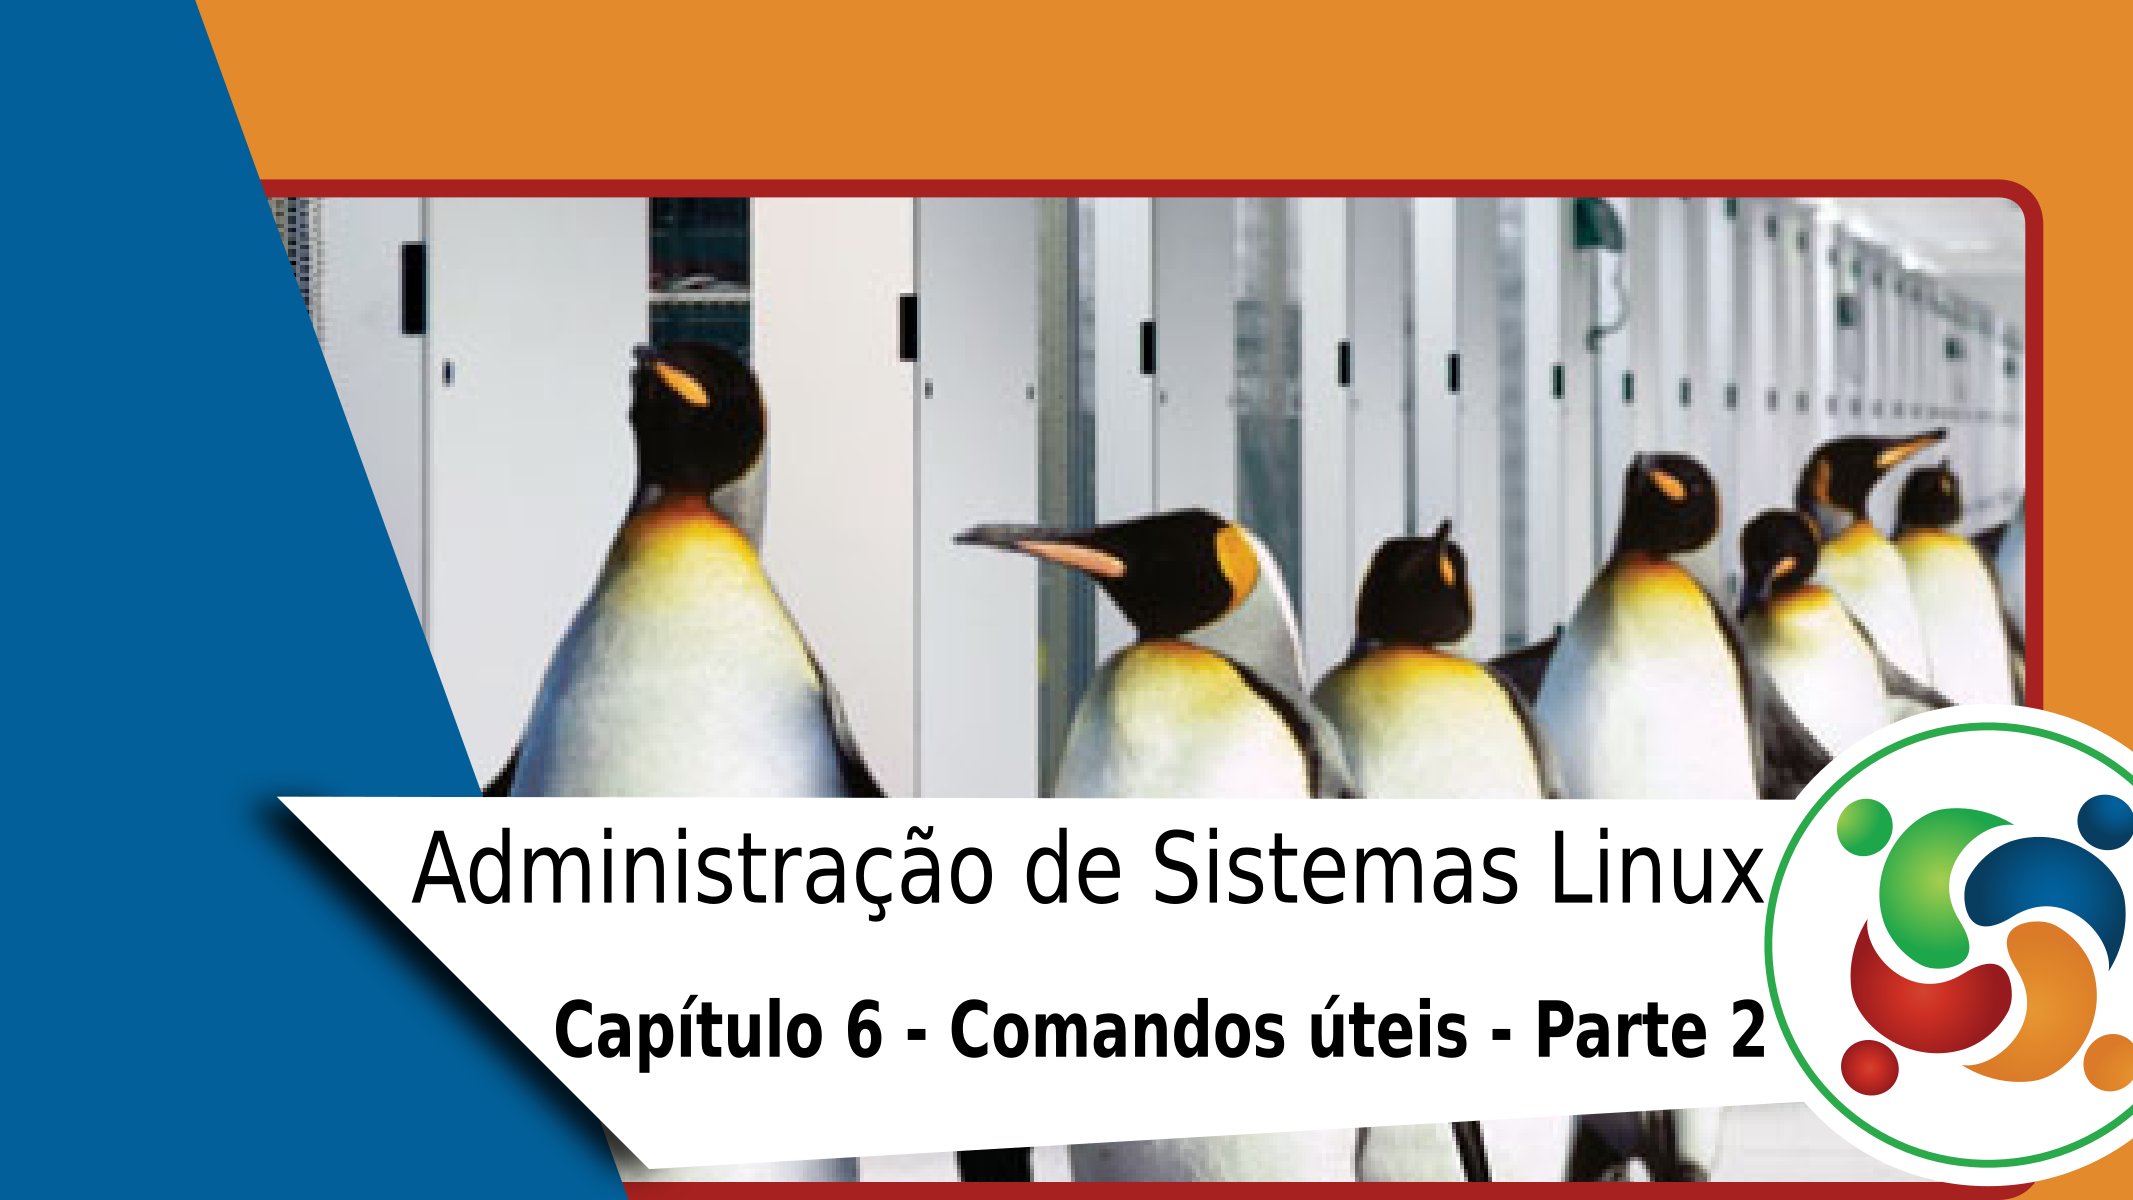 Administração De Sistemas Linux Capítulo 6 Comandos úteis Parte 2